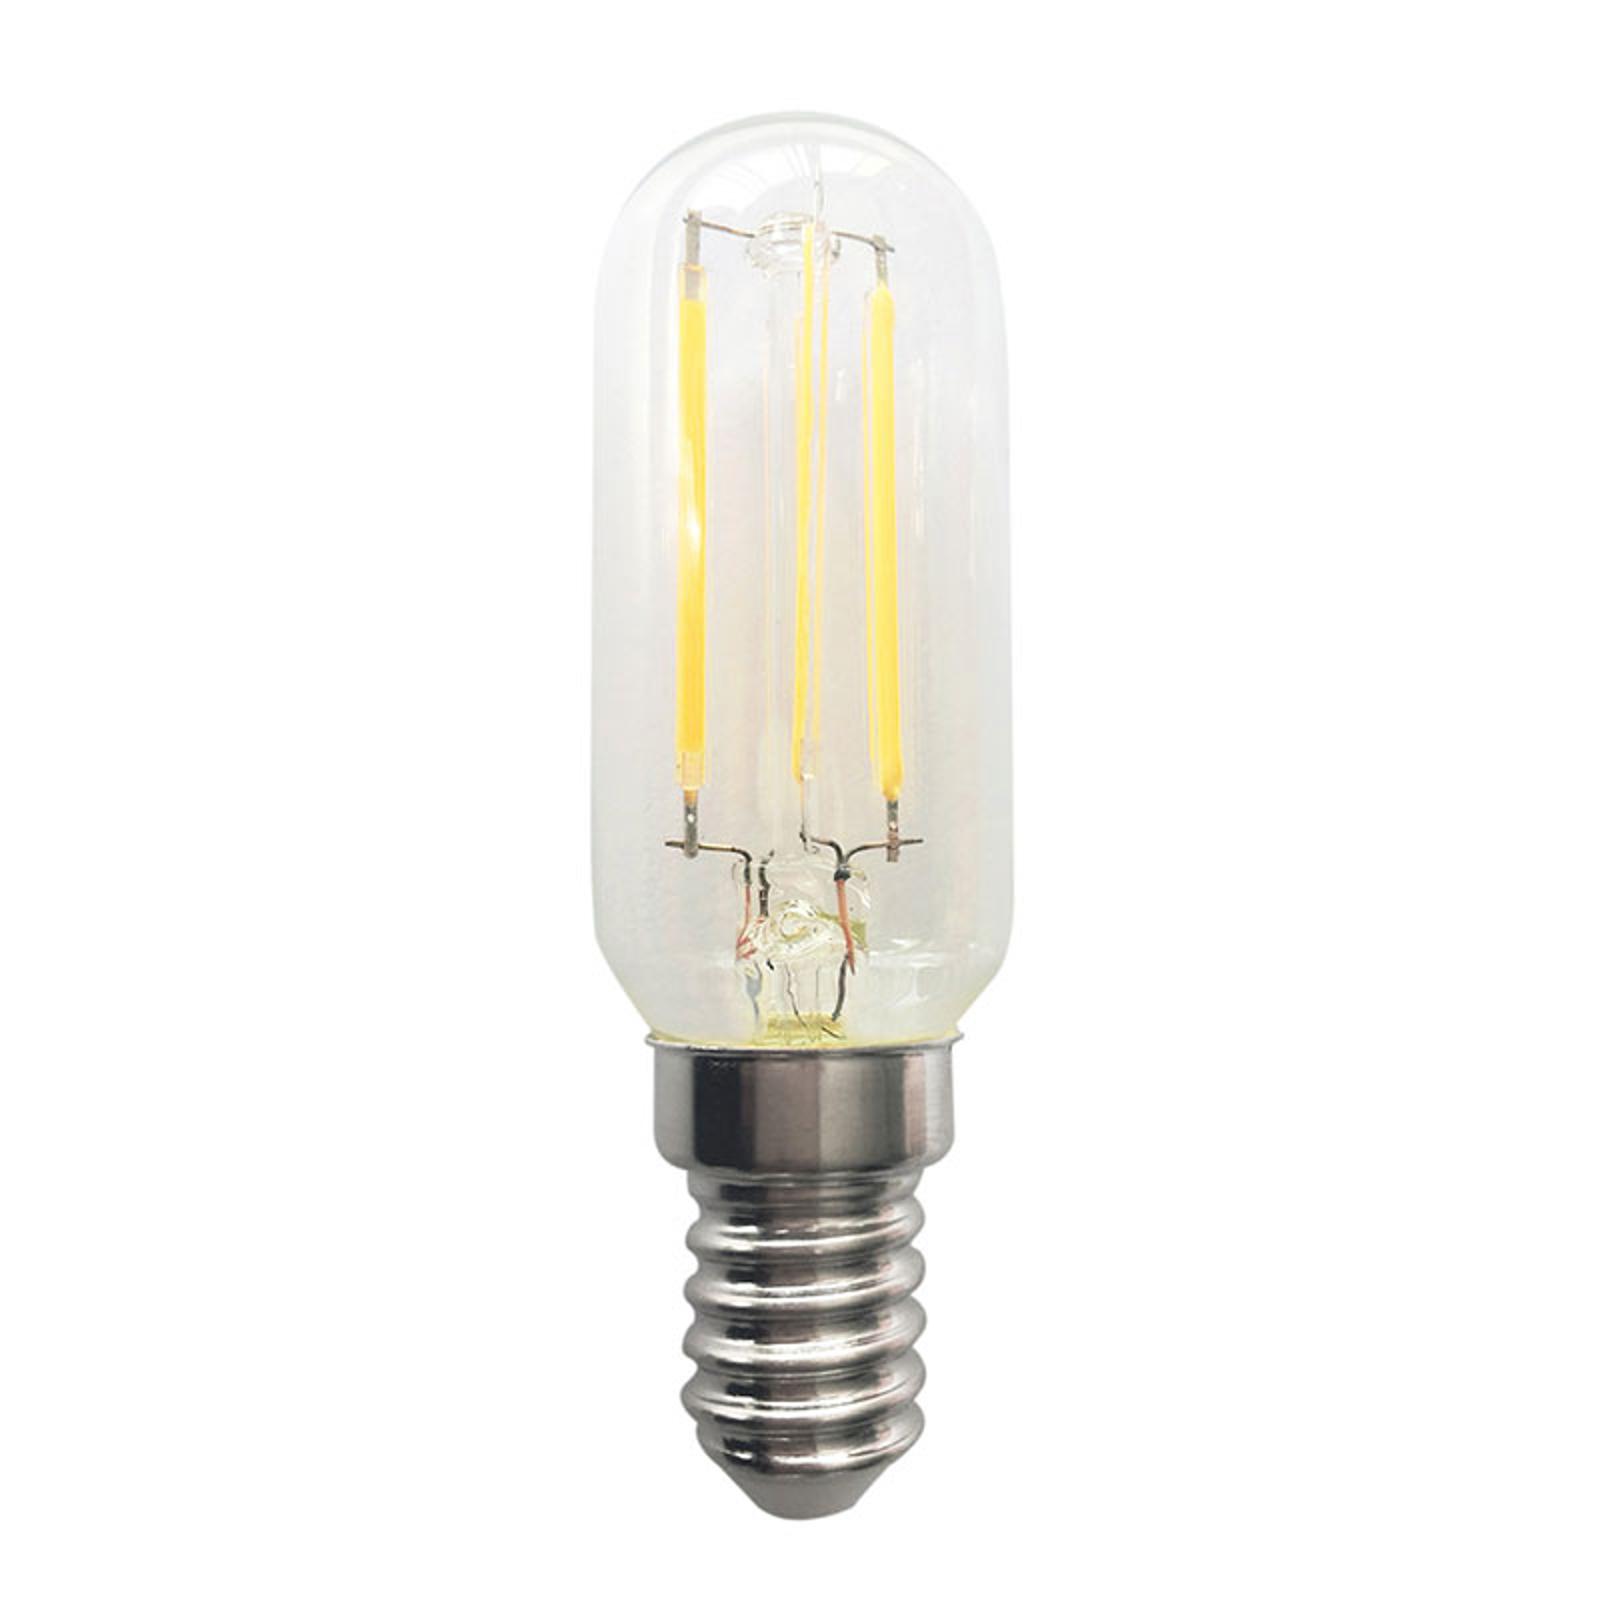 LED da frigorifero E14 4W Classic Mini filamenti